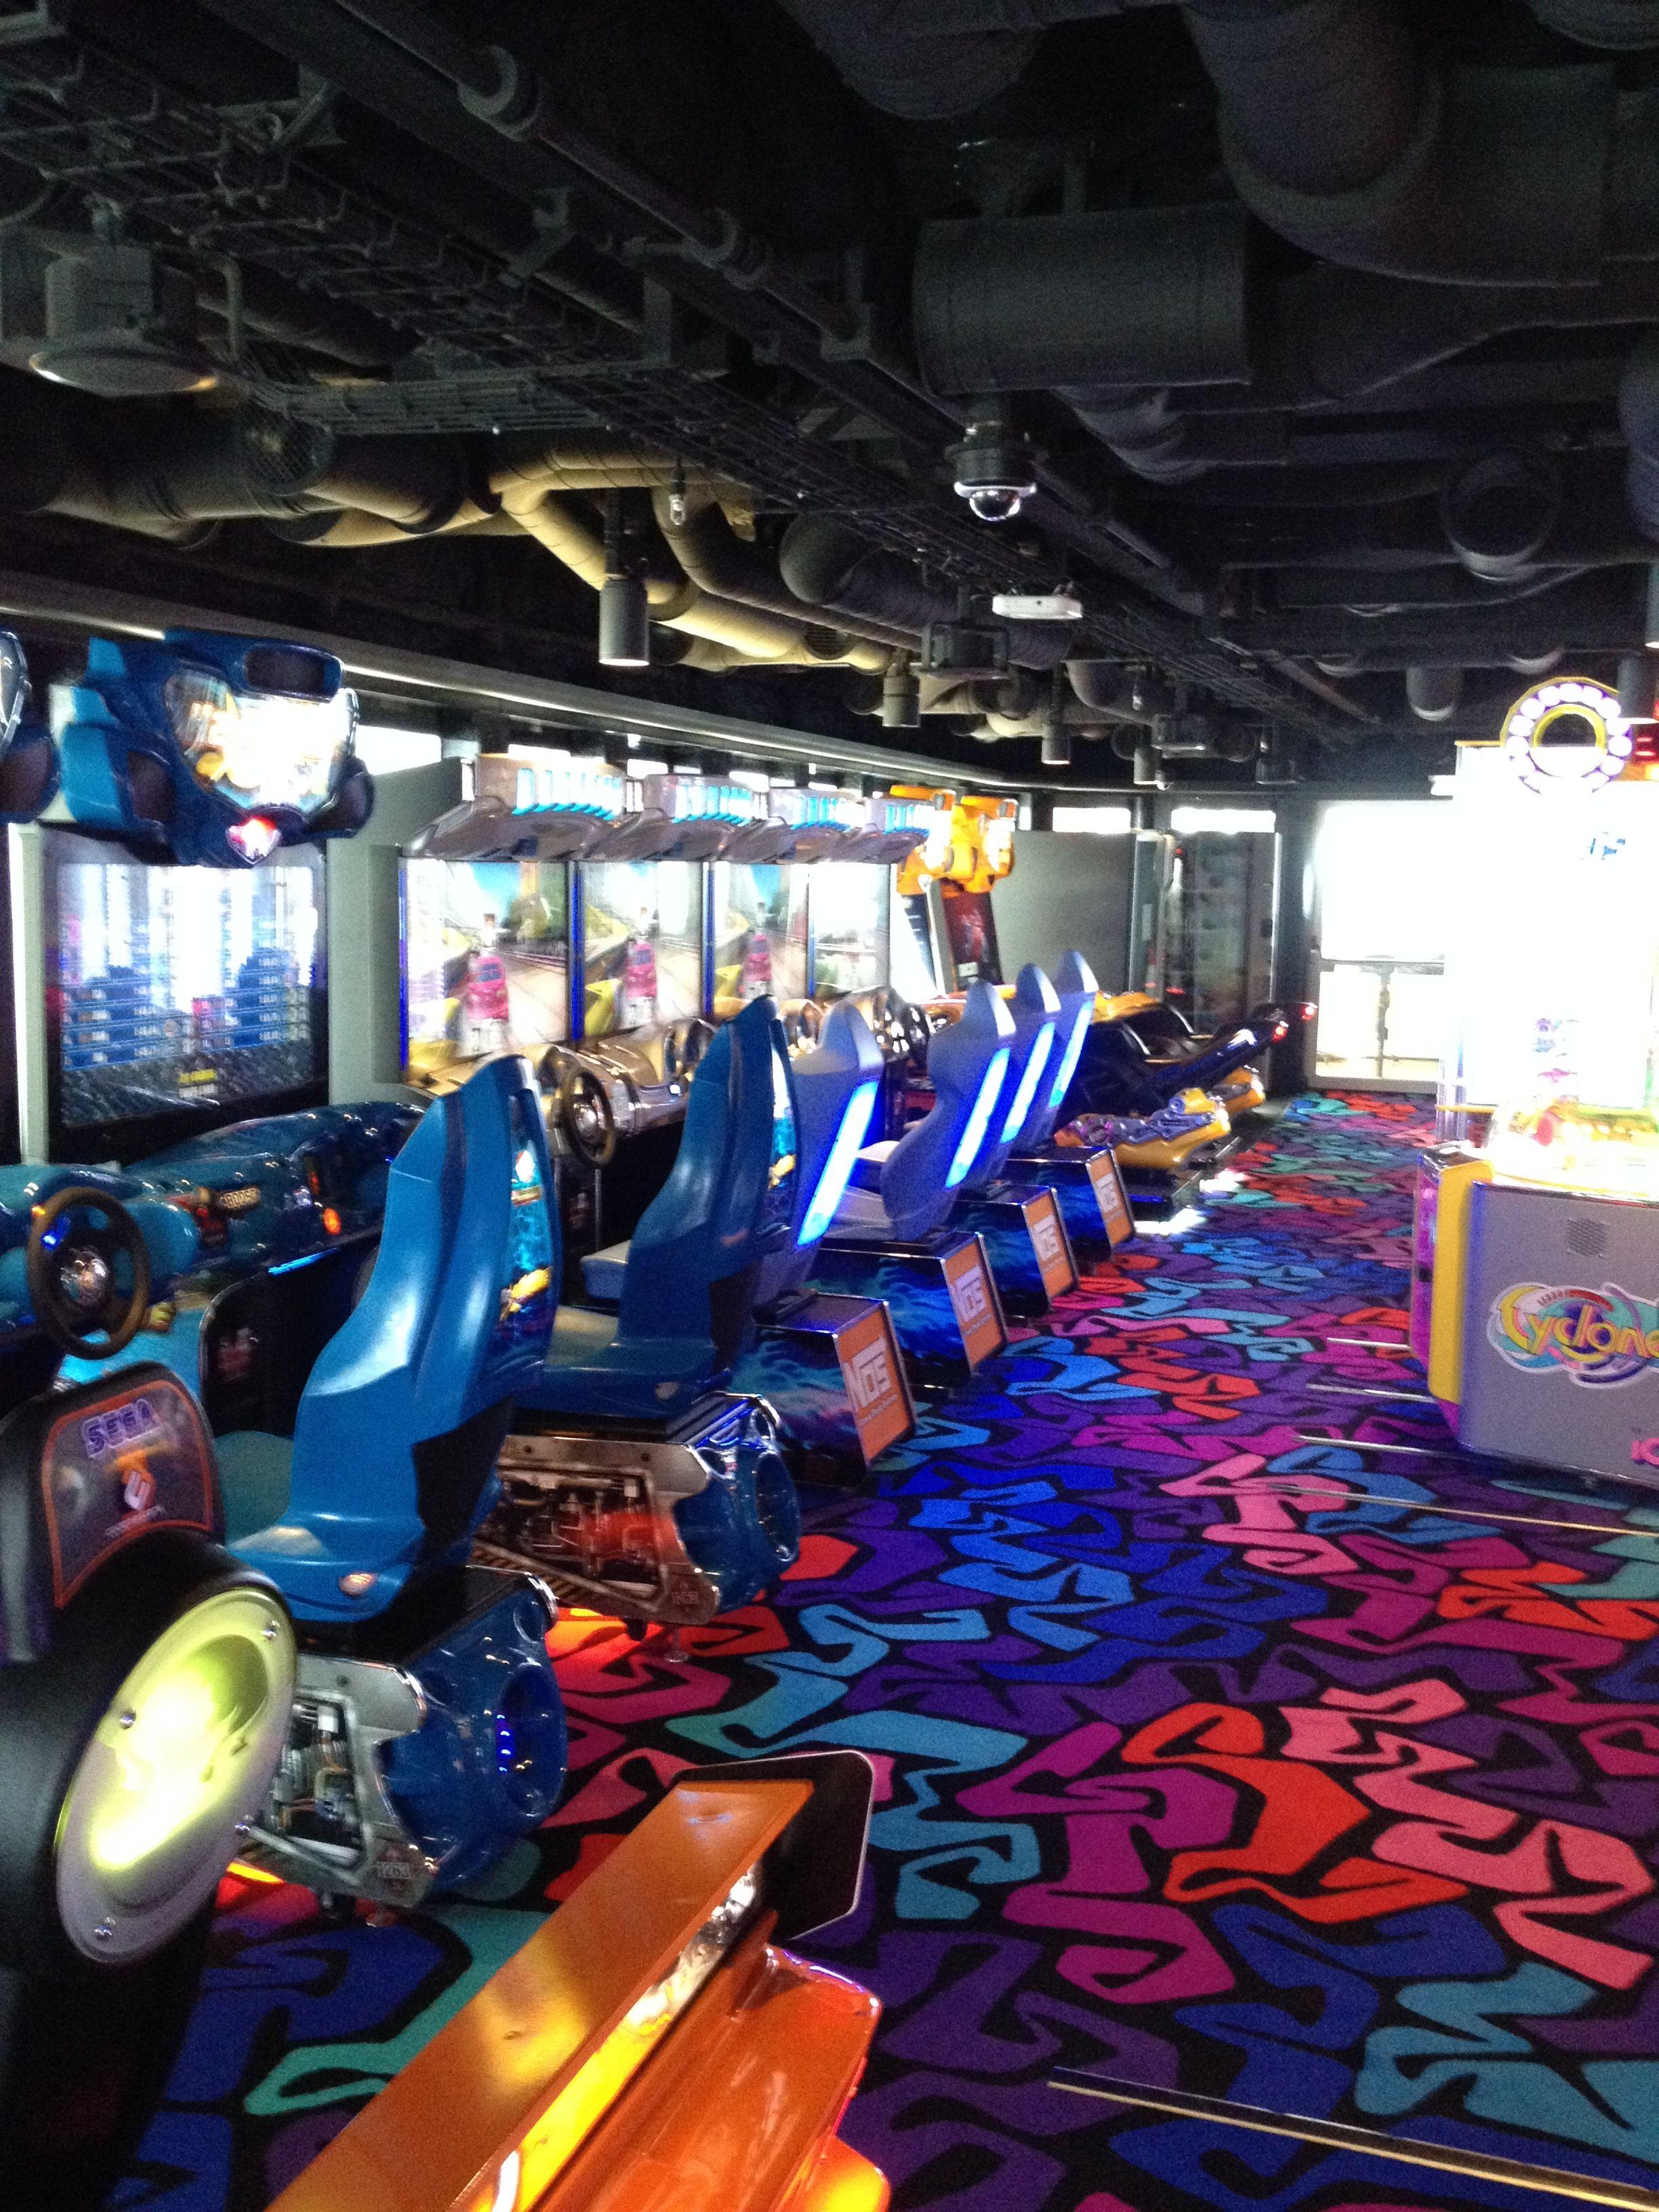 Video Arcade Room Onboard The Norwegian Breakaway